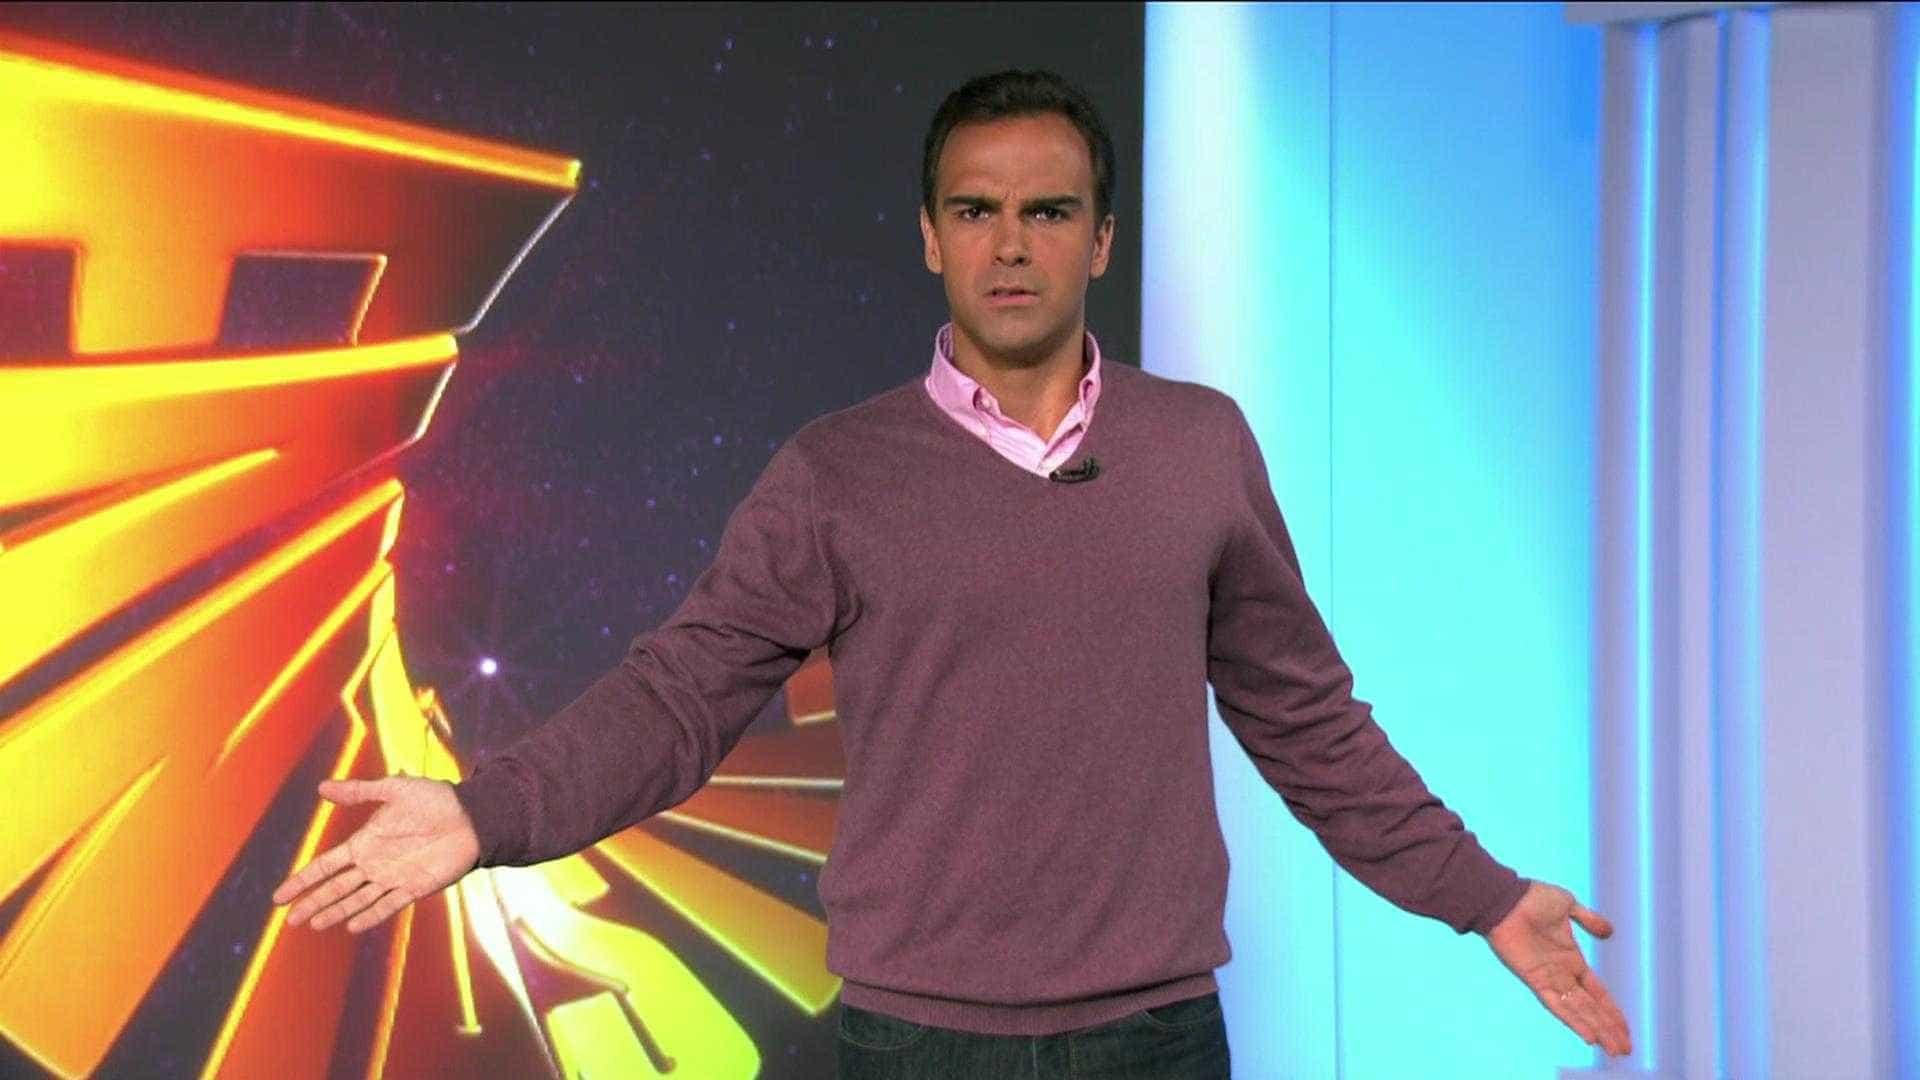 Tadeu Schmidtvolta ao WhatsApp depois de ser bloqueado: 'alívio'